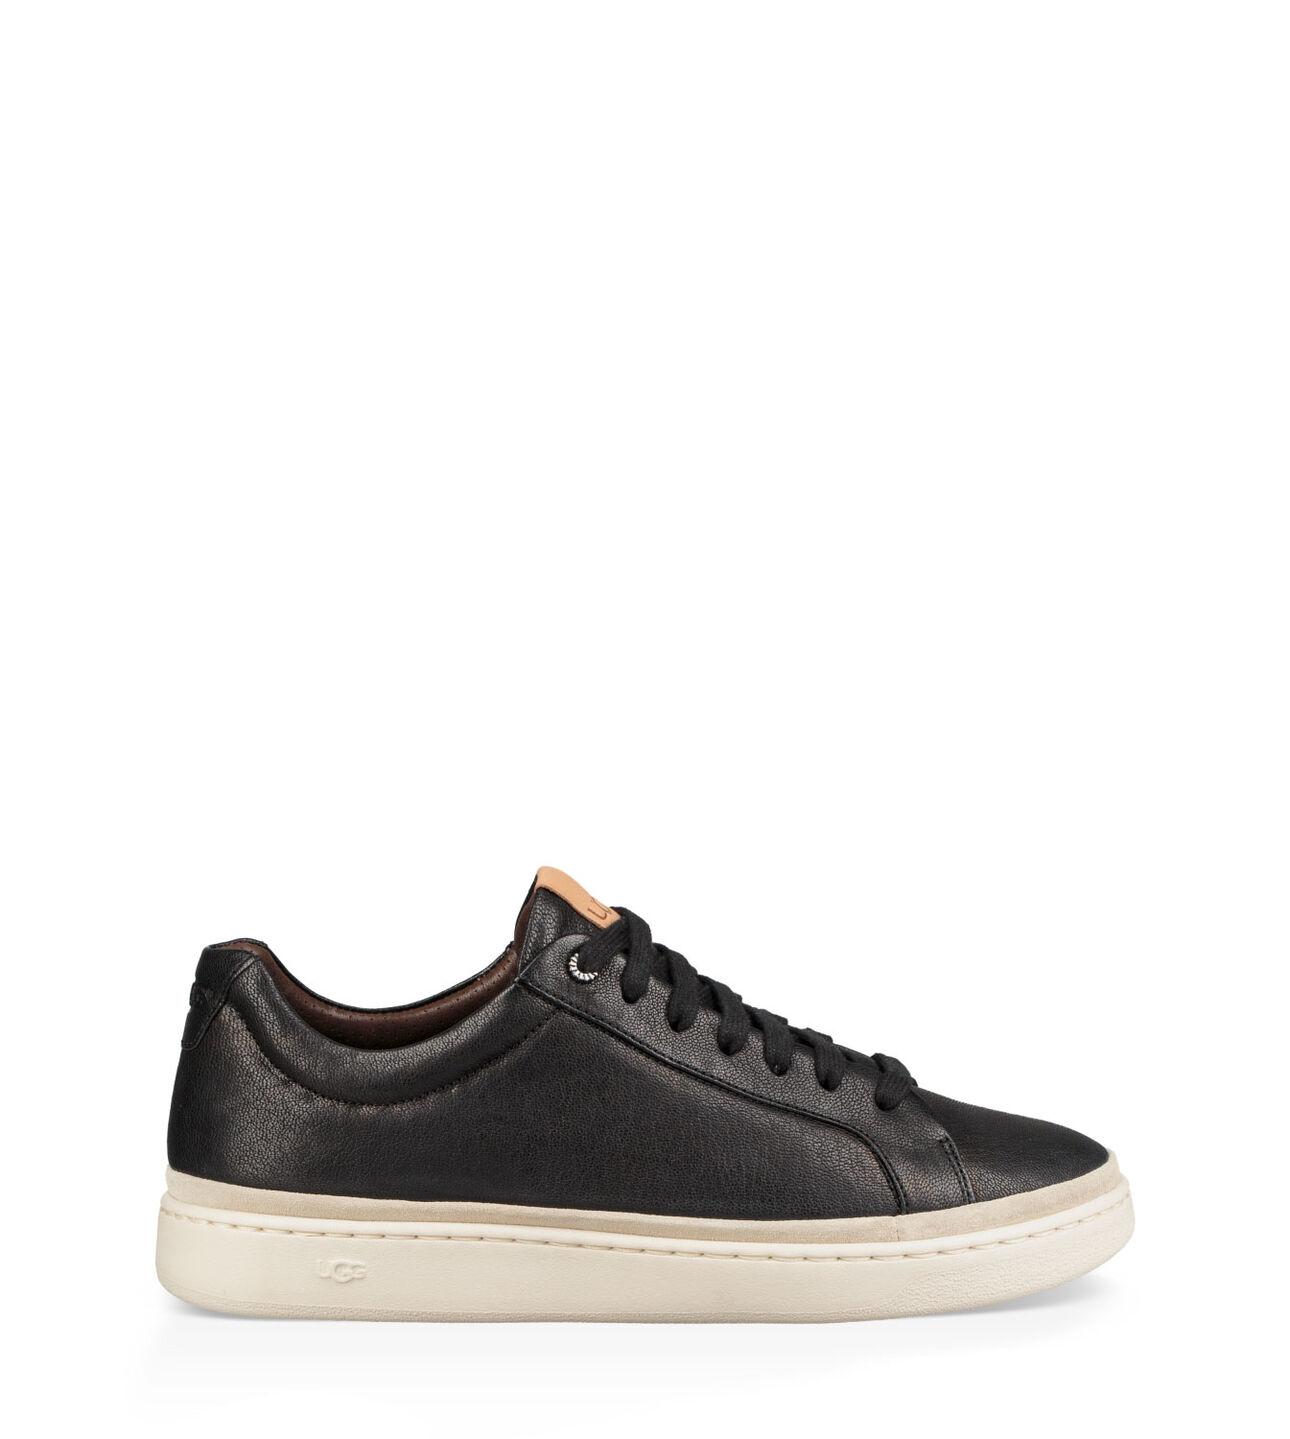 343dbe841cf Cali Sneaker Low